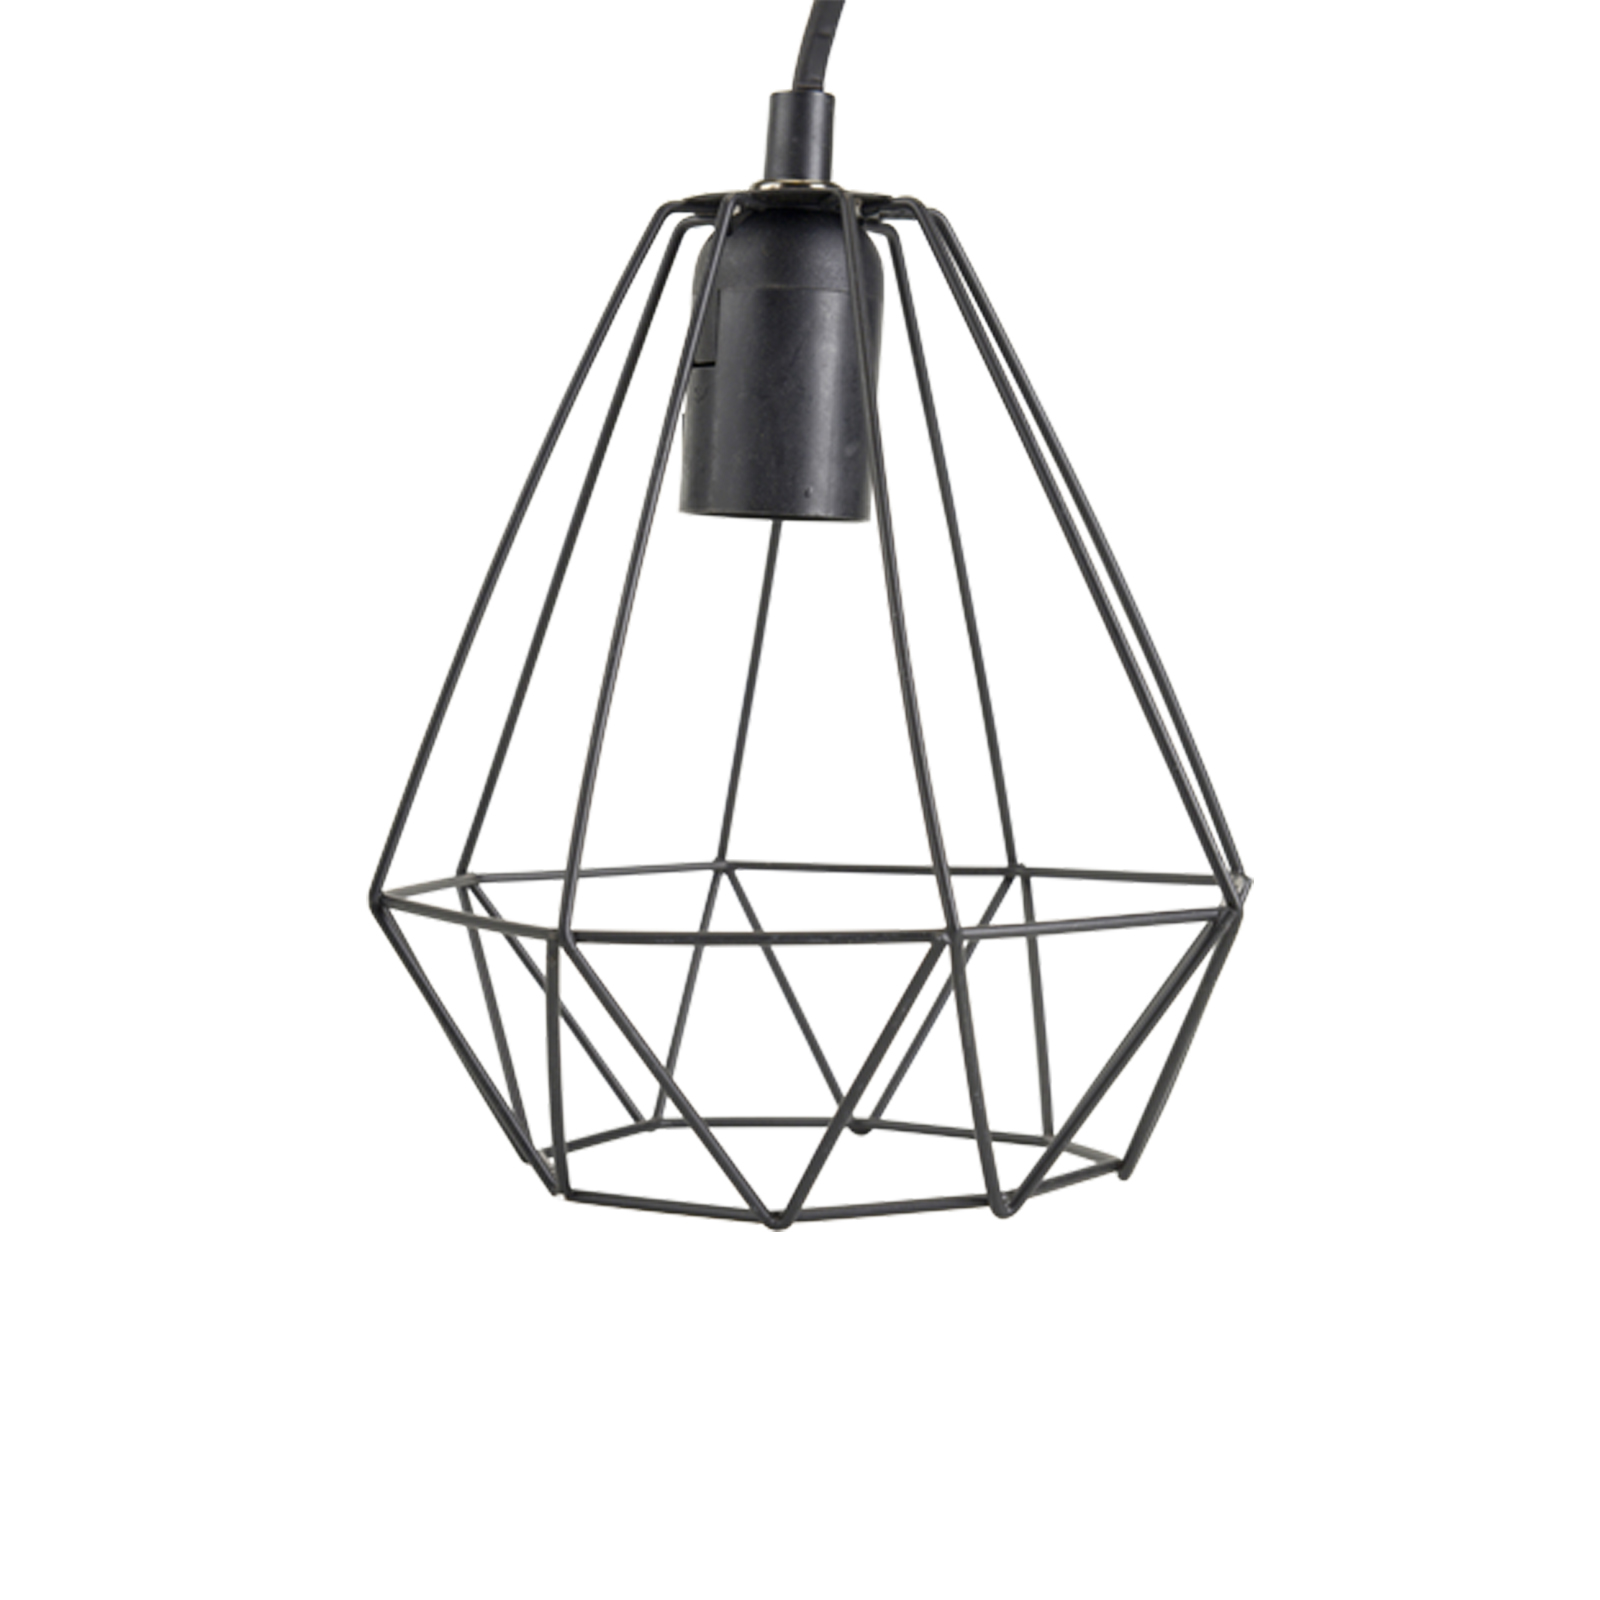 designlampe gitter h ngelampe pendelleuchte leuchte pendel. Black Bedroom Furniture Sets. Home Design Ideas